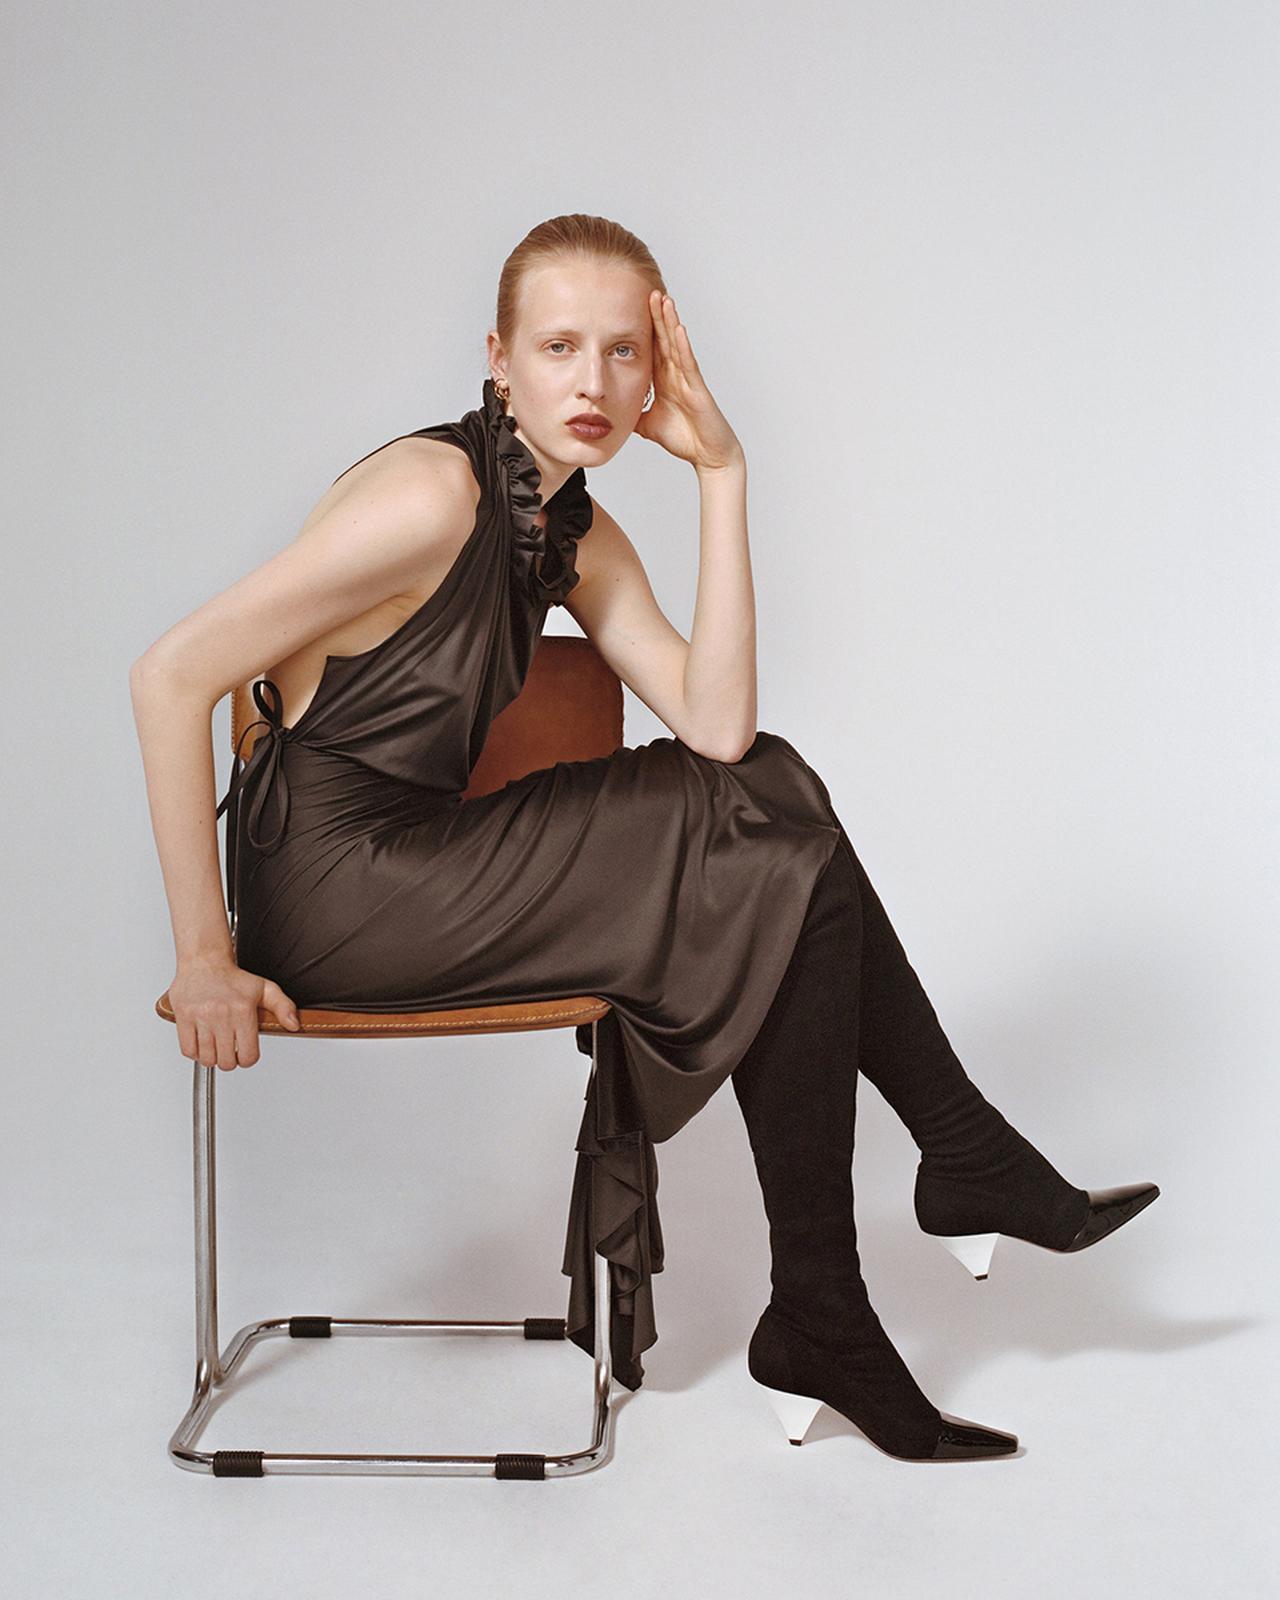 Images : 2番目の画像 - 「蘭をイメージした ミニマルなシューズブランド 「ネオアス」」のアルバム - T JAPAN:The New York Times Style Magazine 公式サイト